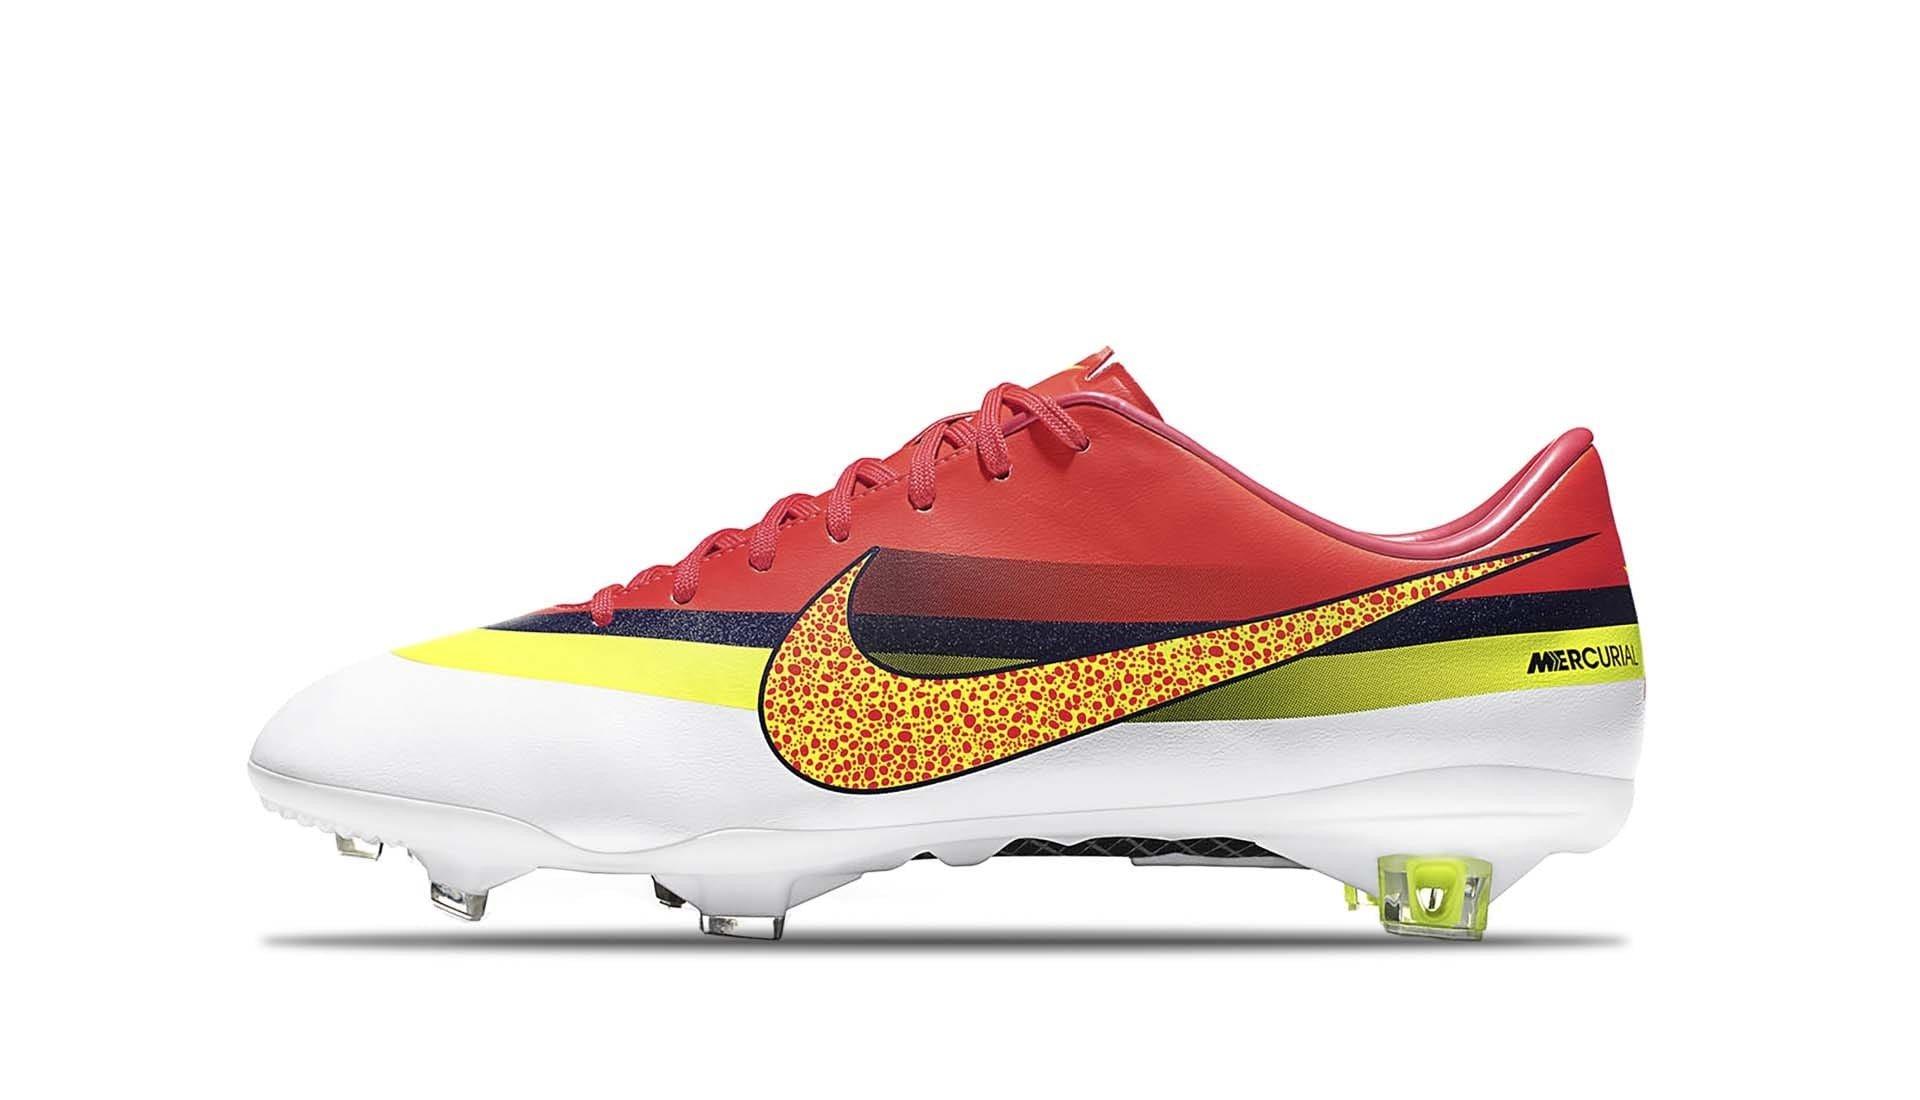 Giày đá banh Nike Mercurial Vapor IX CR SE